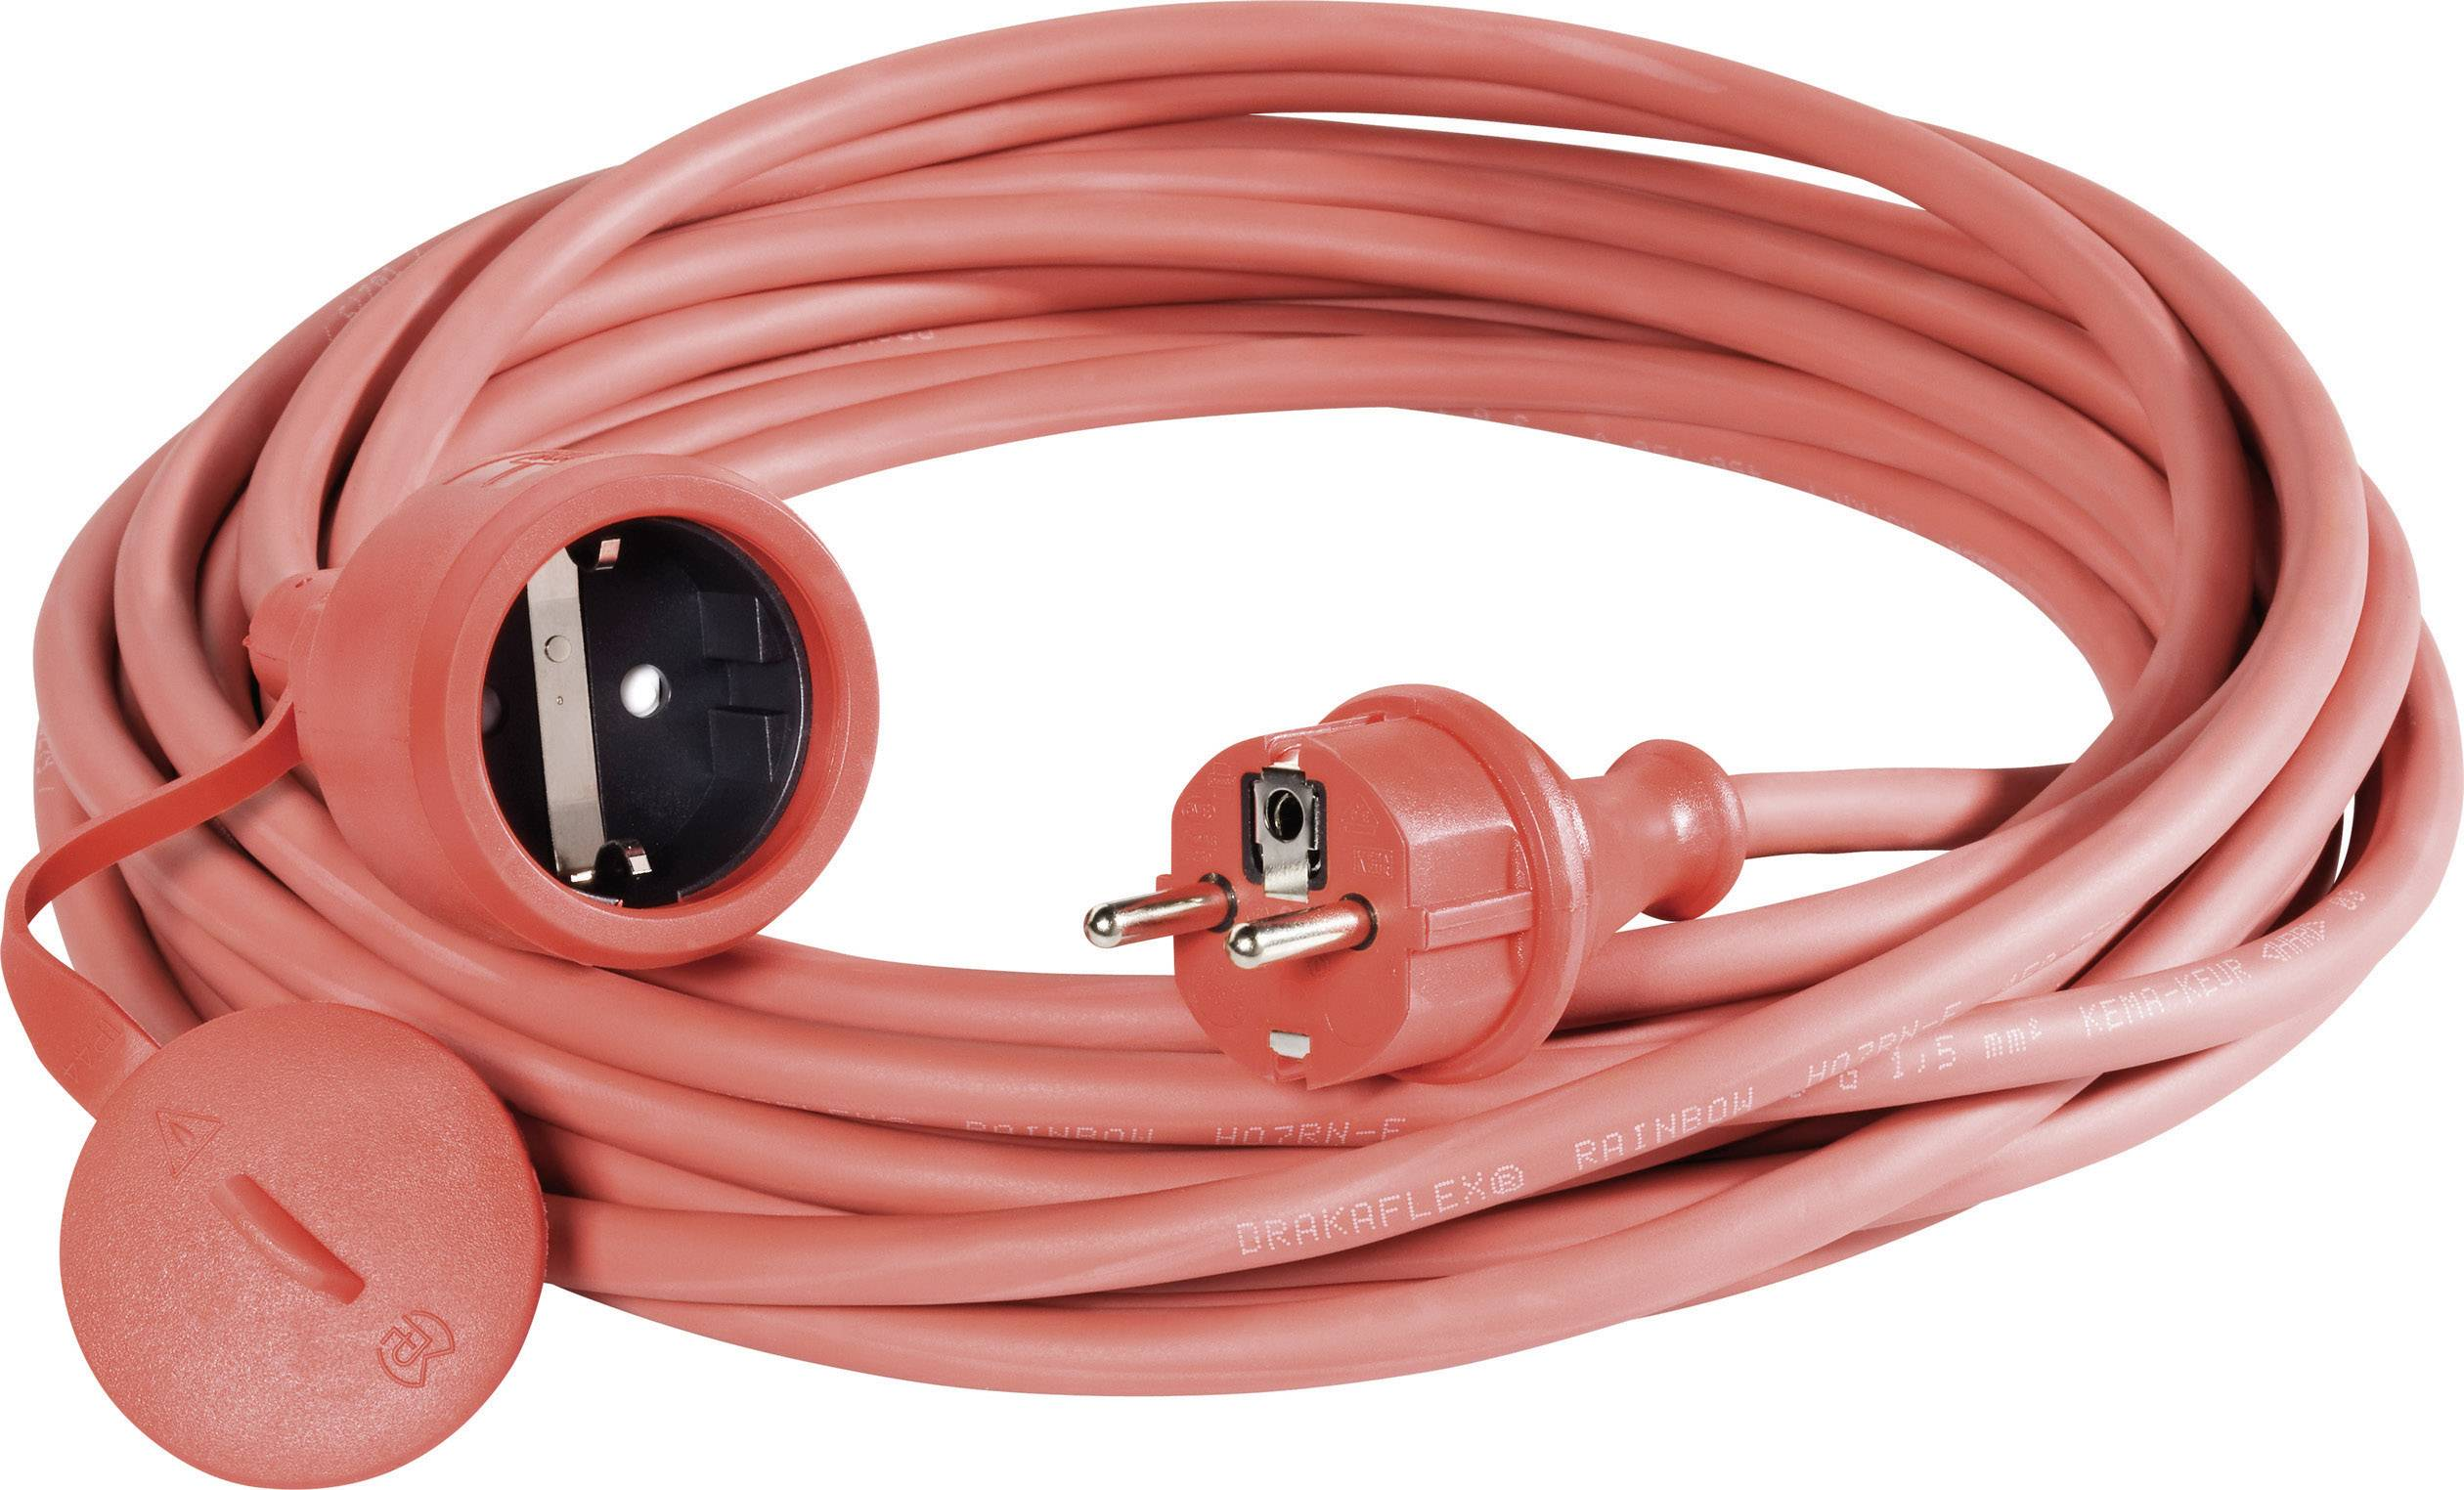 Prodlužovací kabel Sirox, 10 m, 16 A, červená